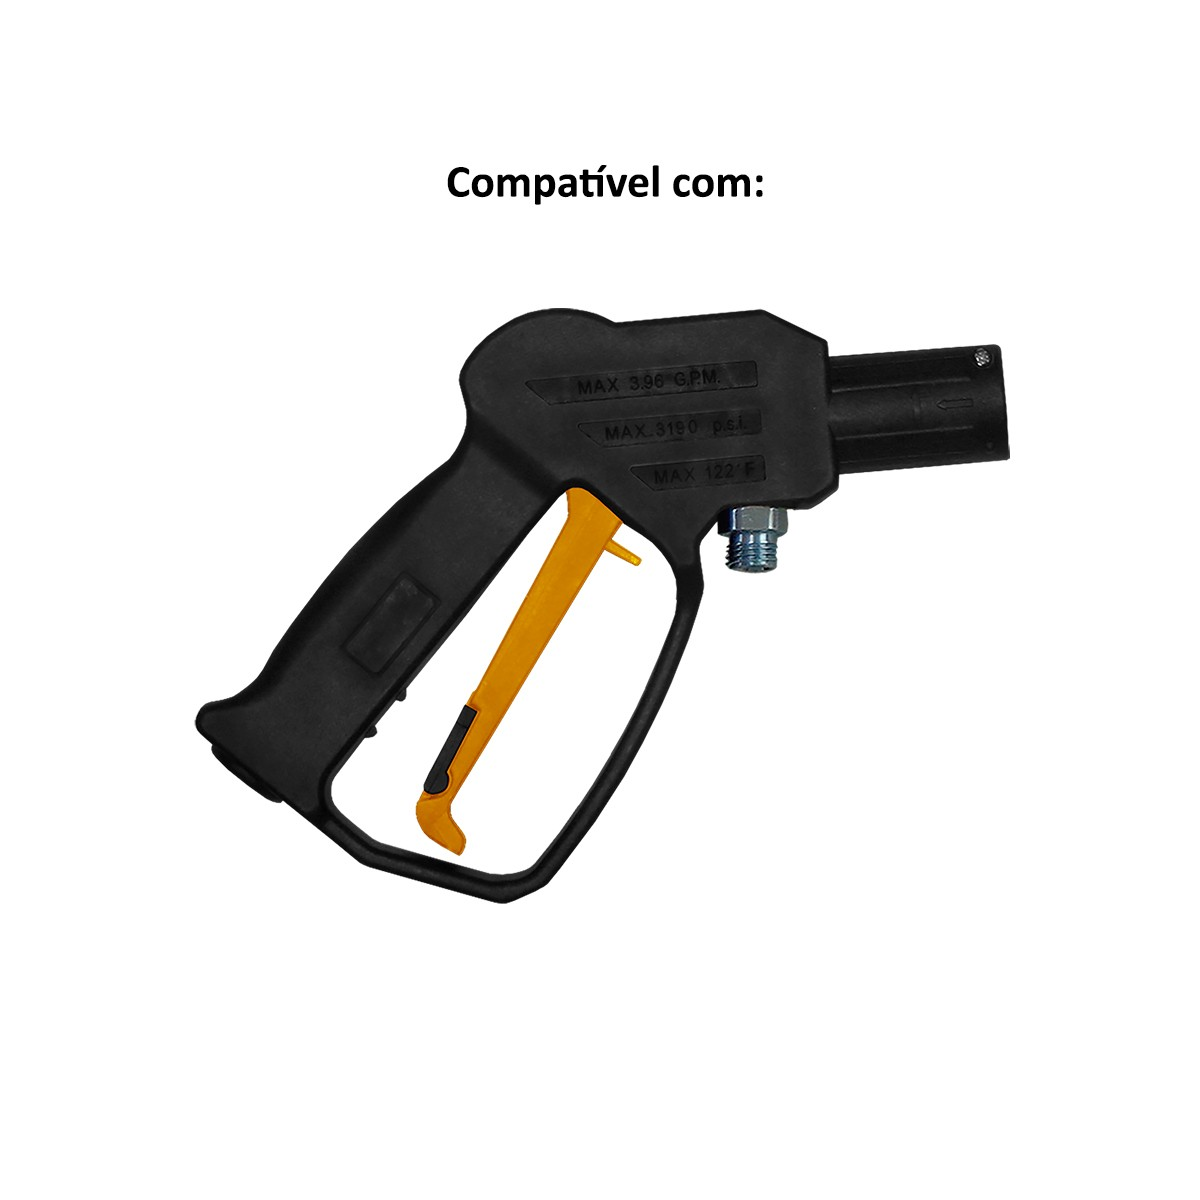 Baioneta para Lavadora de Alta Pressão Wap Fera, Fit, Forte, Ousada, Atacama Smart Original